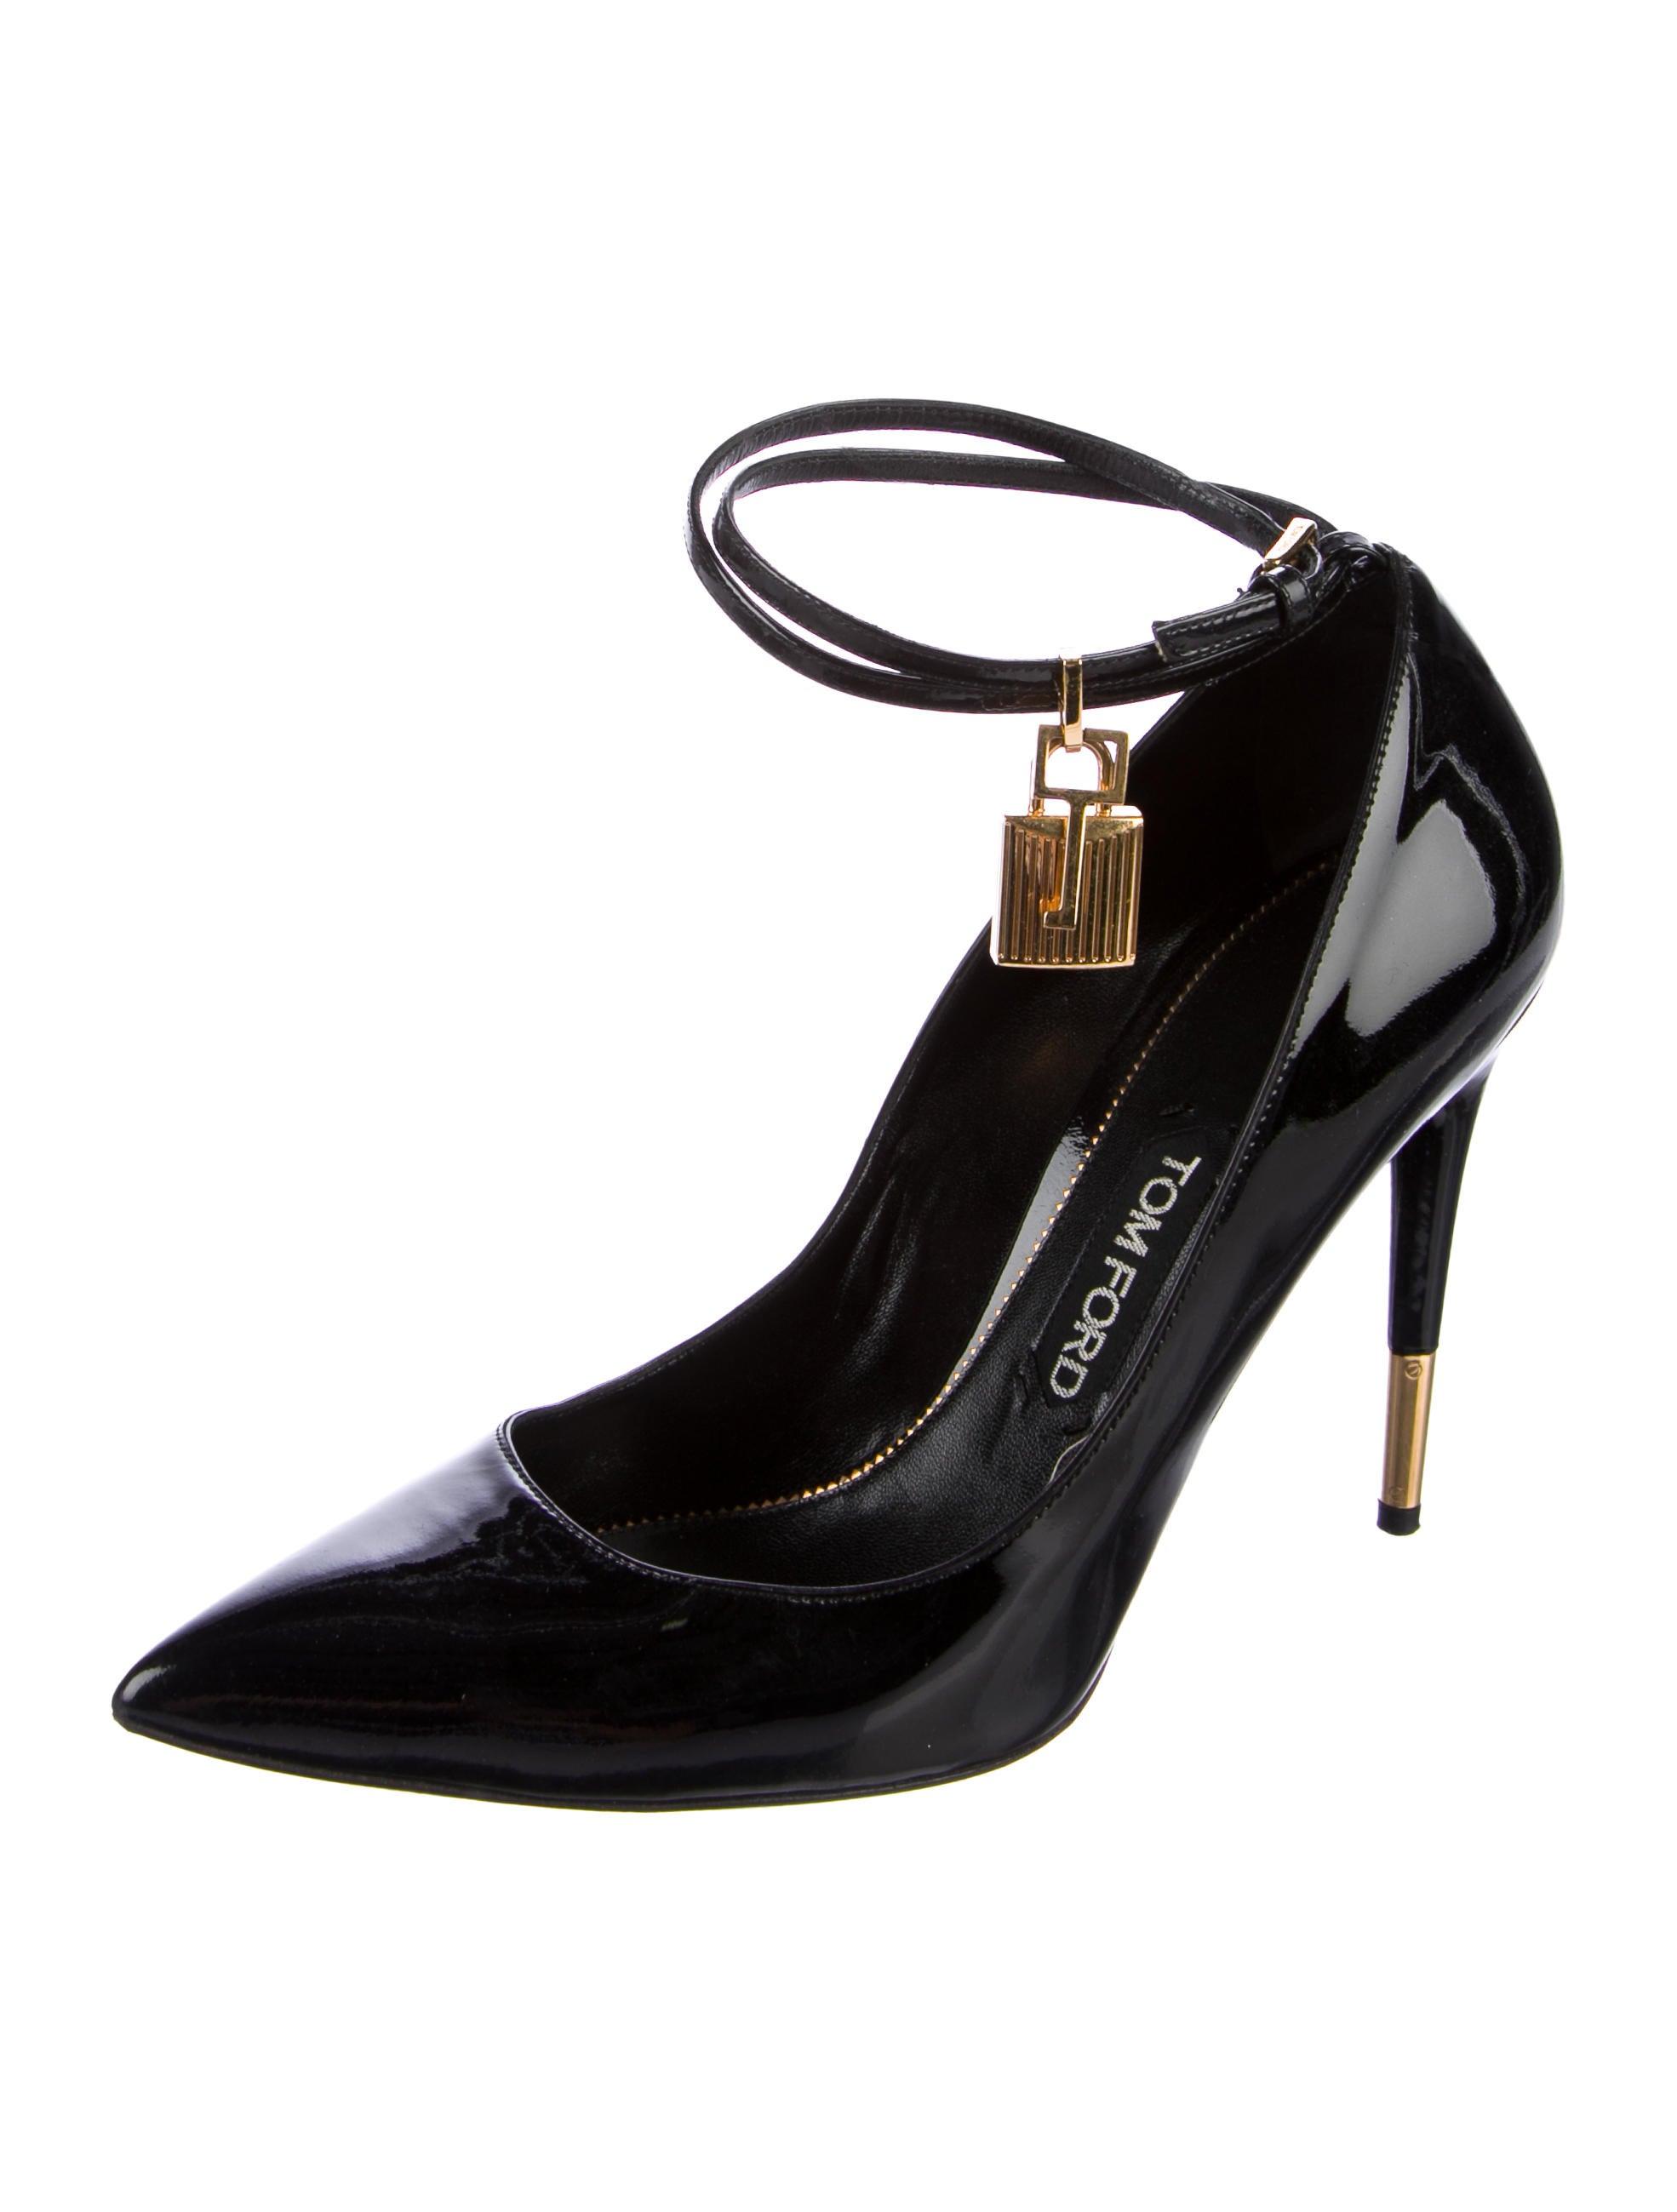 tom ford patent leather padlock pumps shoes tom39418. Black Bedroom Furniture Sets. Home Design Ideas